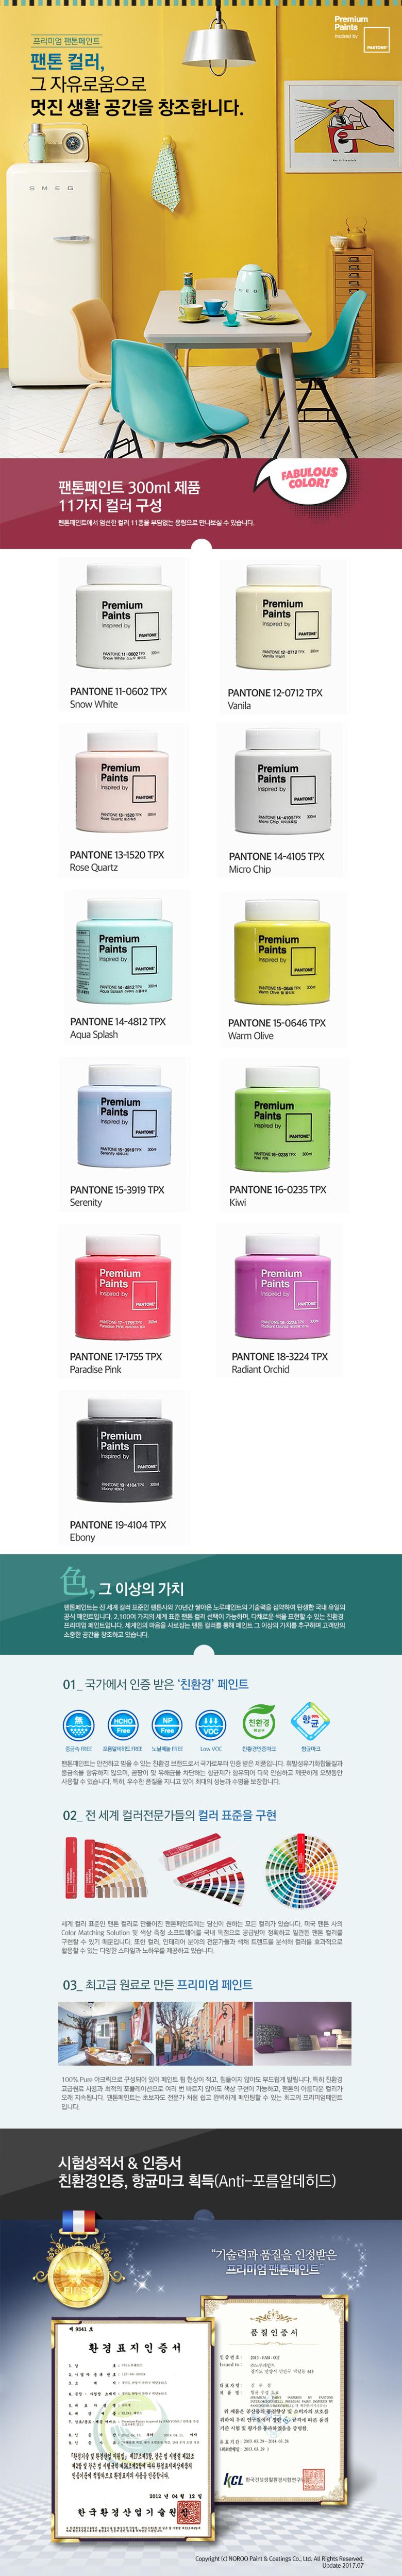 팬톤프리미엄페인트(300ml/로즈쿼츠/노루페인트) - 오피스디포, 7,800원, 금속/섬유전용물감, 금속물감